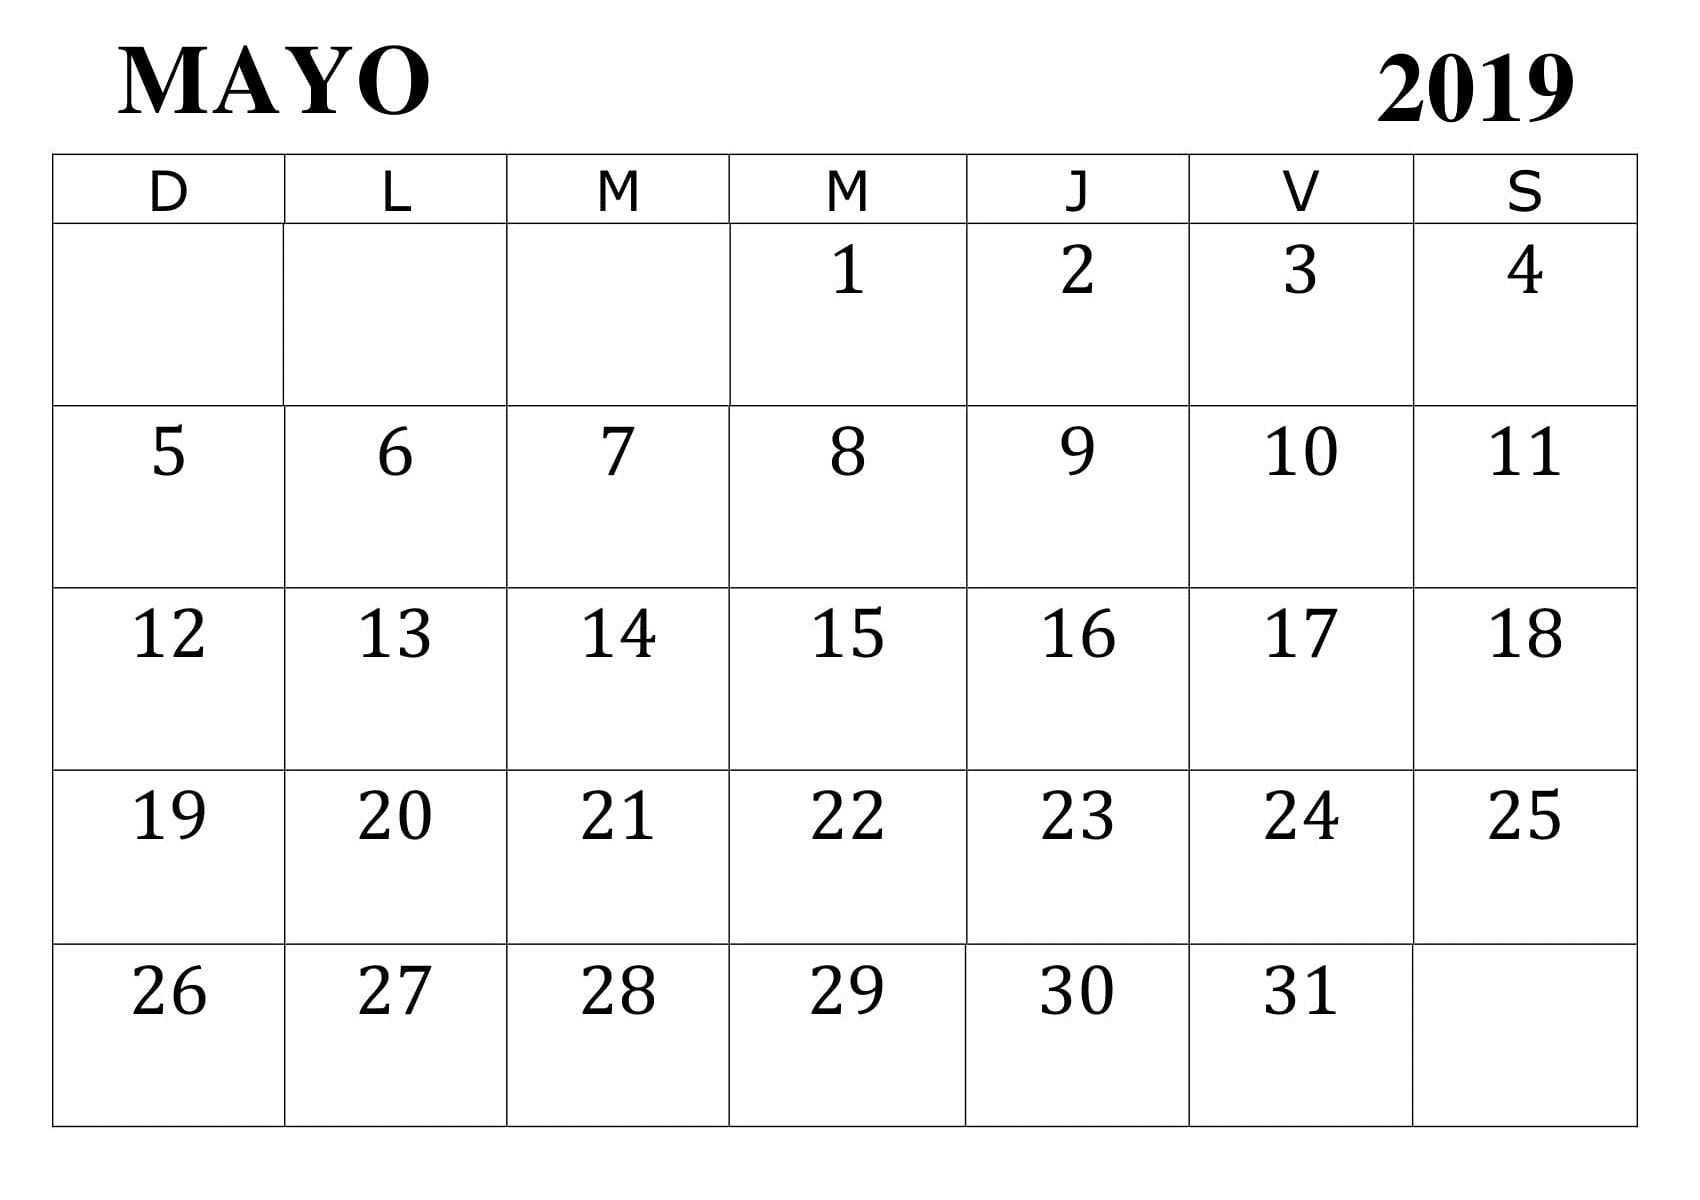 Calendario M.Calendario Mayo 2019 Mexico 200 May 2019 Calendar